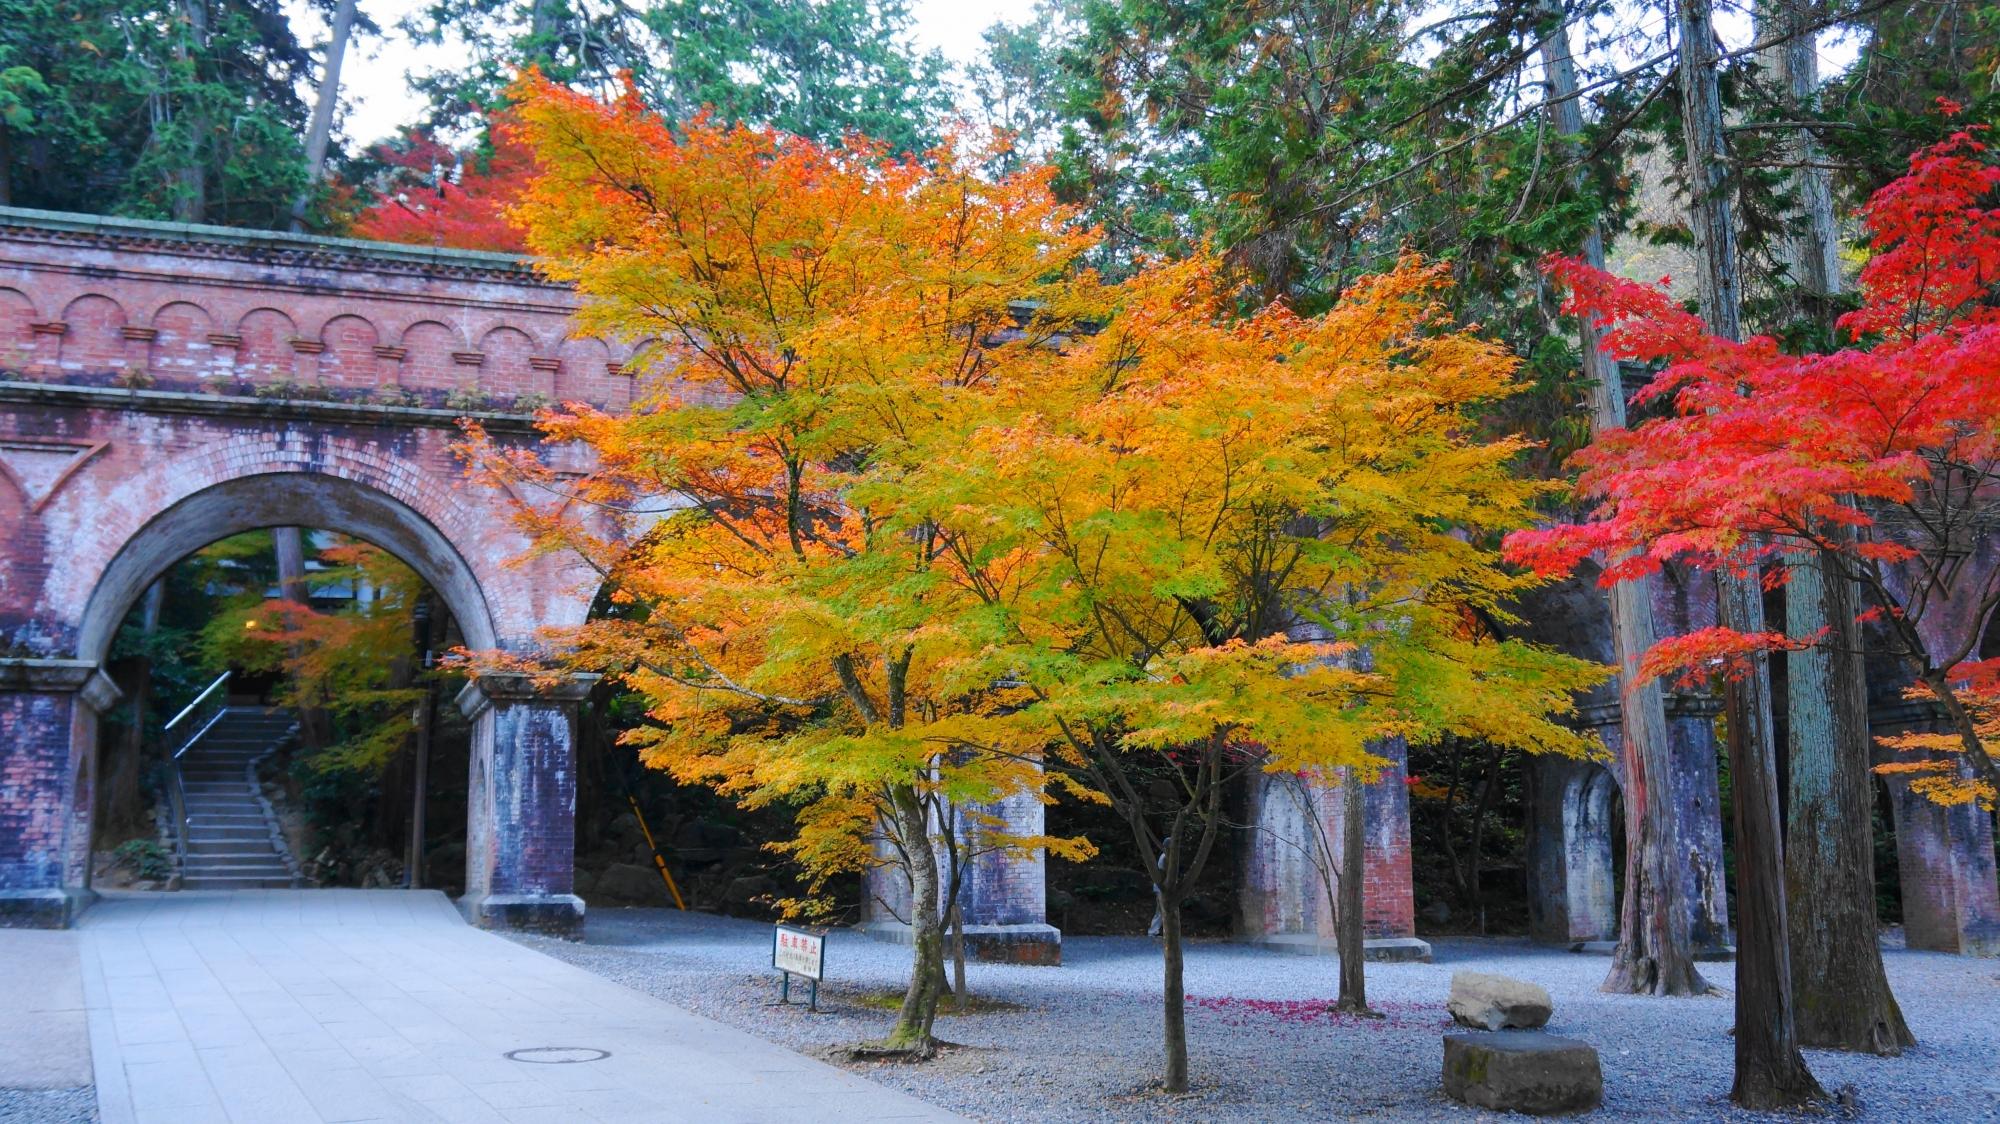 水路閣の素晴らしい紅葉とレトロな秋の情景